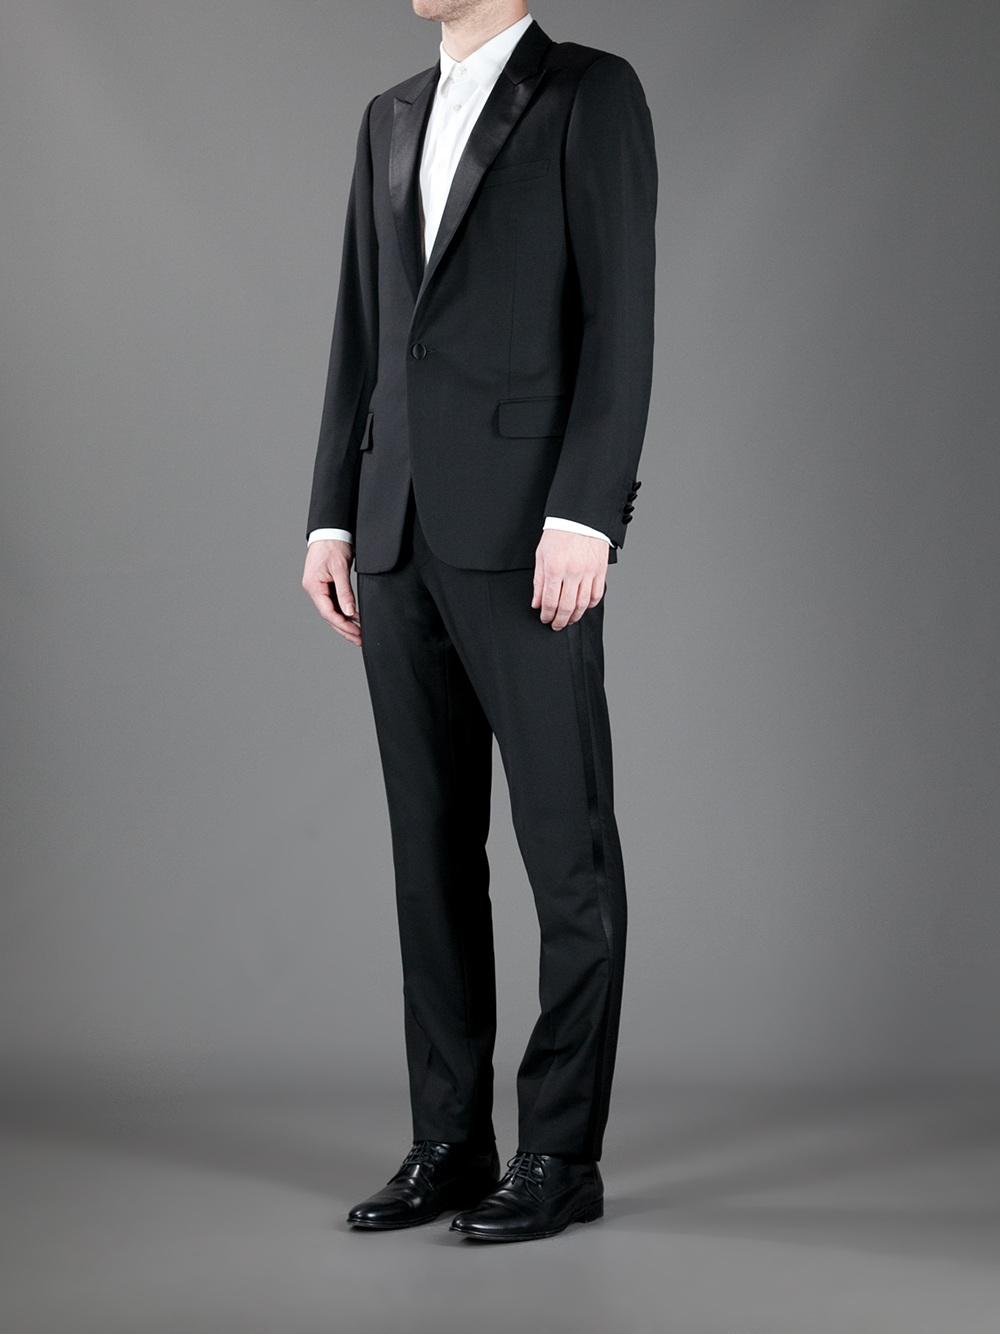 Lyst - Dior Homme Tuxedo in Black for Men 8304d4540